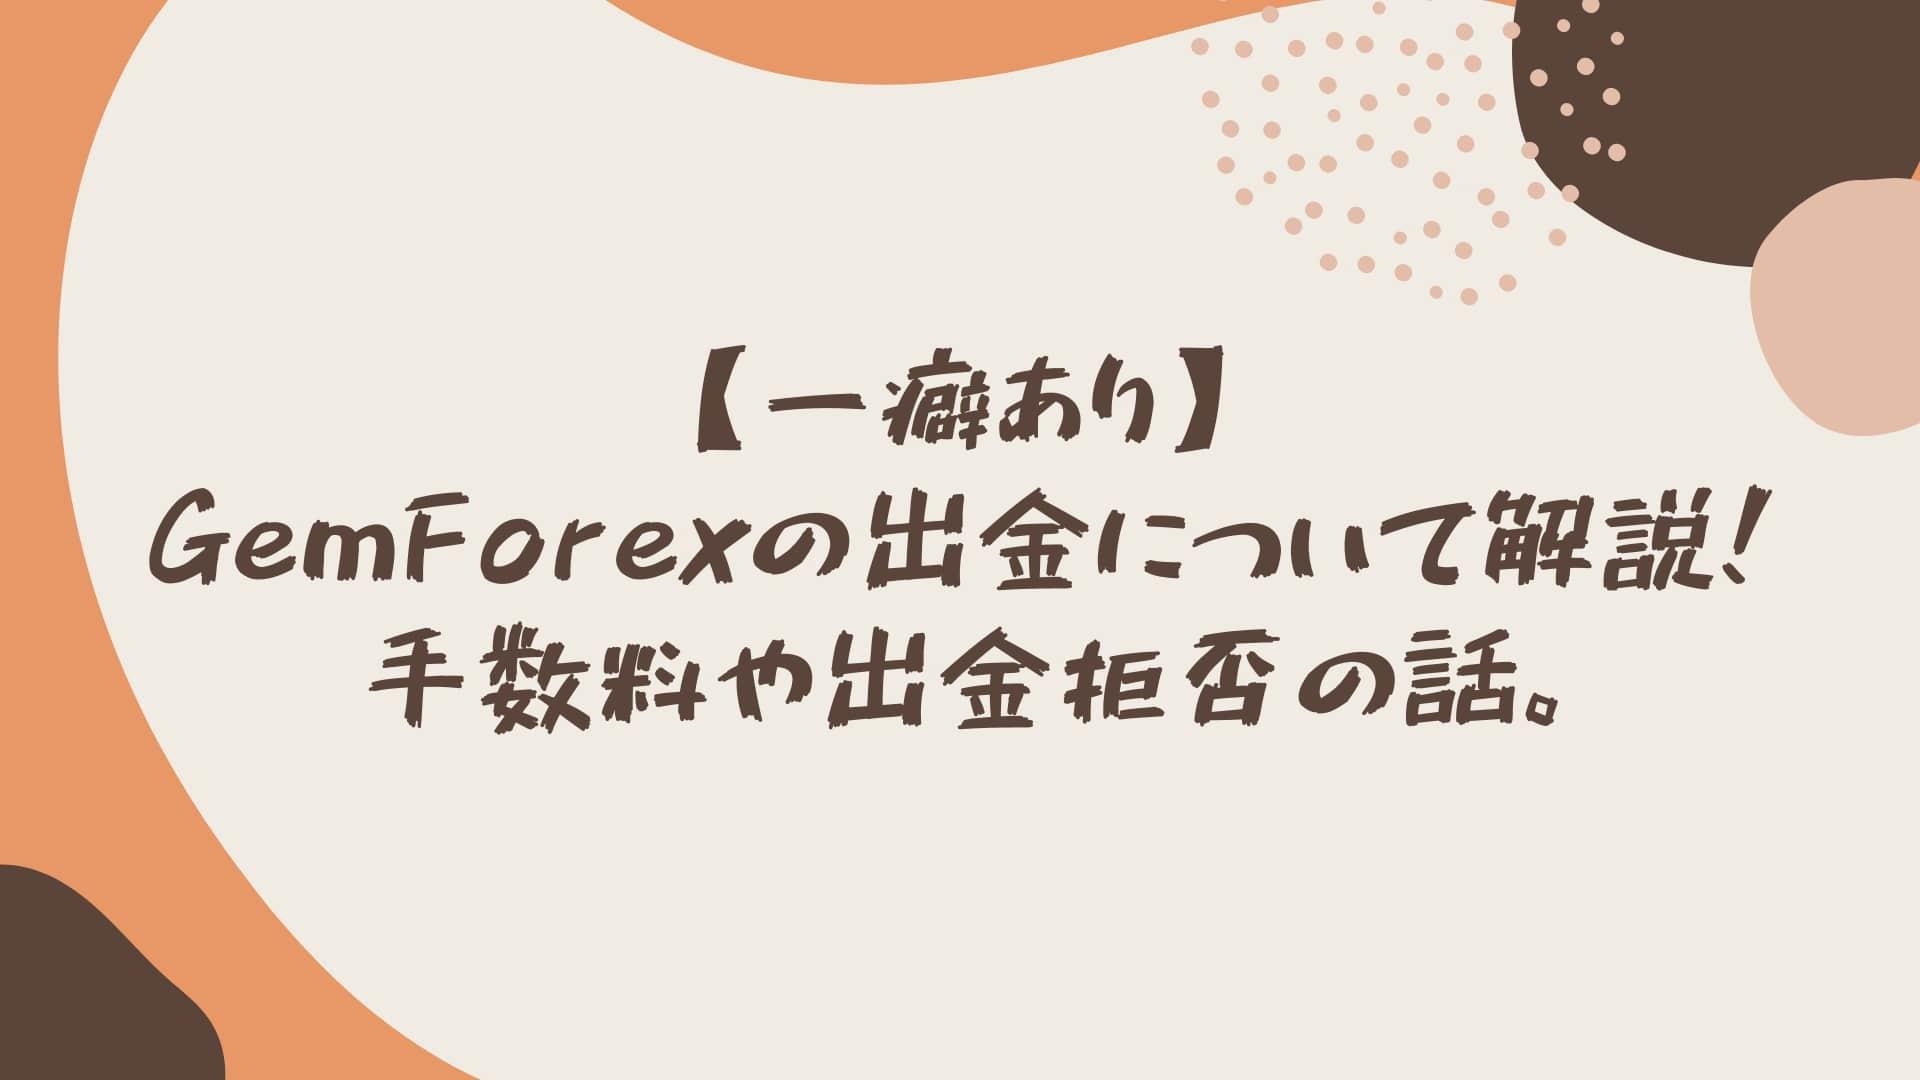 【一癖あり】GemForexの出金について解説!手数料や出金拒否の話。